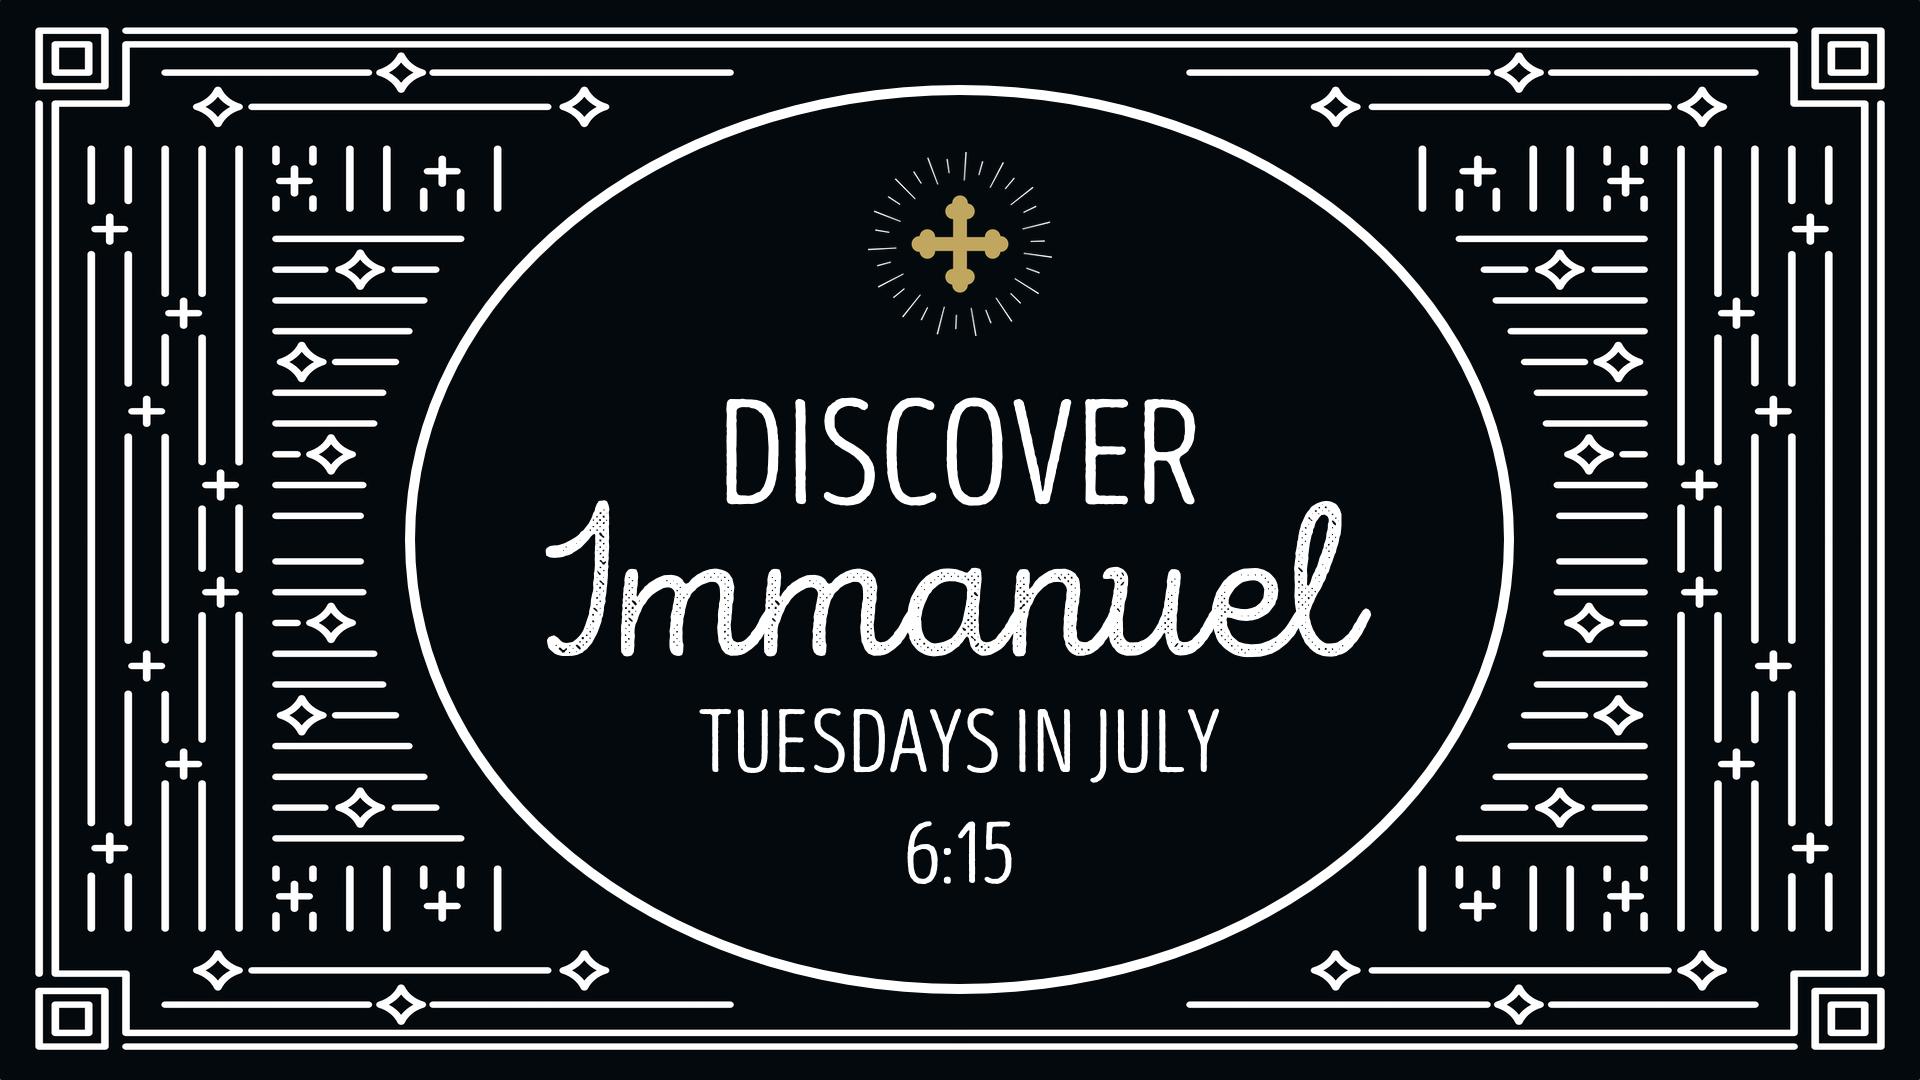 Immanuel Discover Immanuel (Slide).png